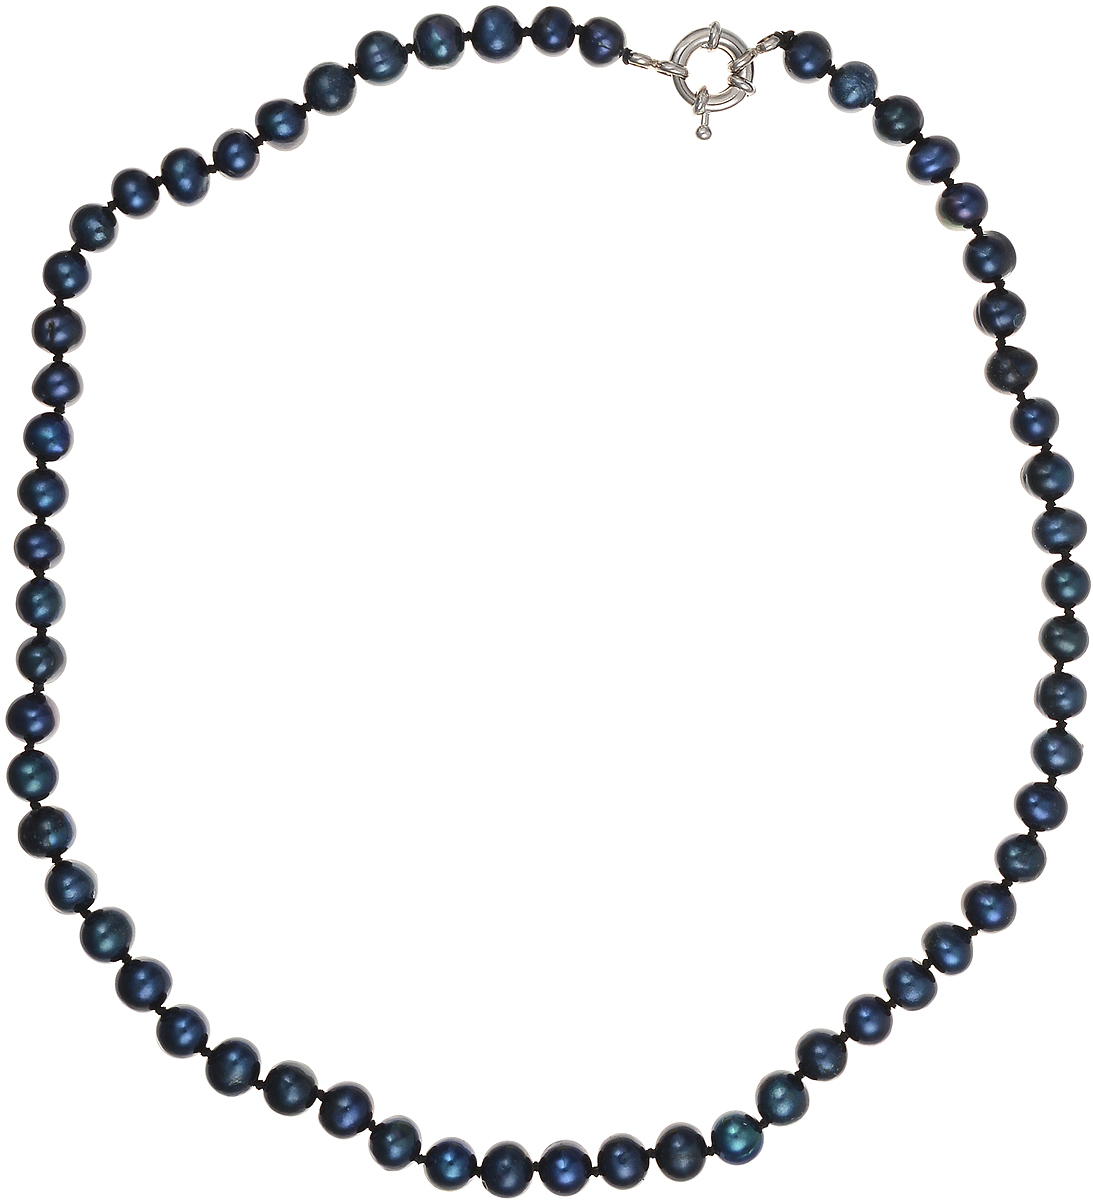 Бусы Art-Silver, цвет: синий, длина 45 см. КЖ7-8А+45-537Колье (короткие одноярусные бусы)Бусы Art-Silver подчеркнут изящество и непревзойденный вкус своей обладательницы. Они выполнены из бижутерного сплава и культивированного жемчуга диаметром 7 мм.Изделие оснащено удобным замком-карабином.Культивированный жемчуг — это практичный аналог природного жемчуга. Бусинки из прессованных раковин помещаются внутрь устрицы и возвращаются в воду. Когда бусины покрываются перламутром, их извлекают из моллюска. Форма жемчужины получается идеально ровной с приятным матовым блеском.